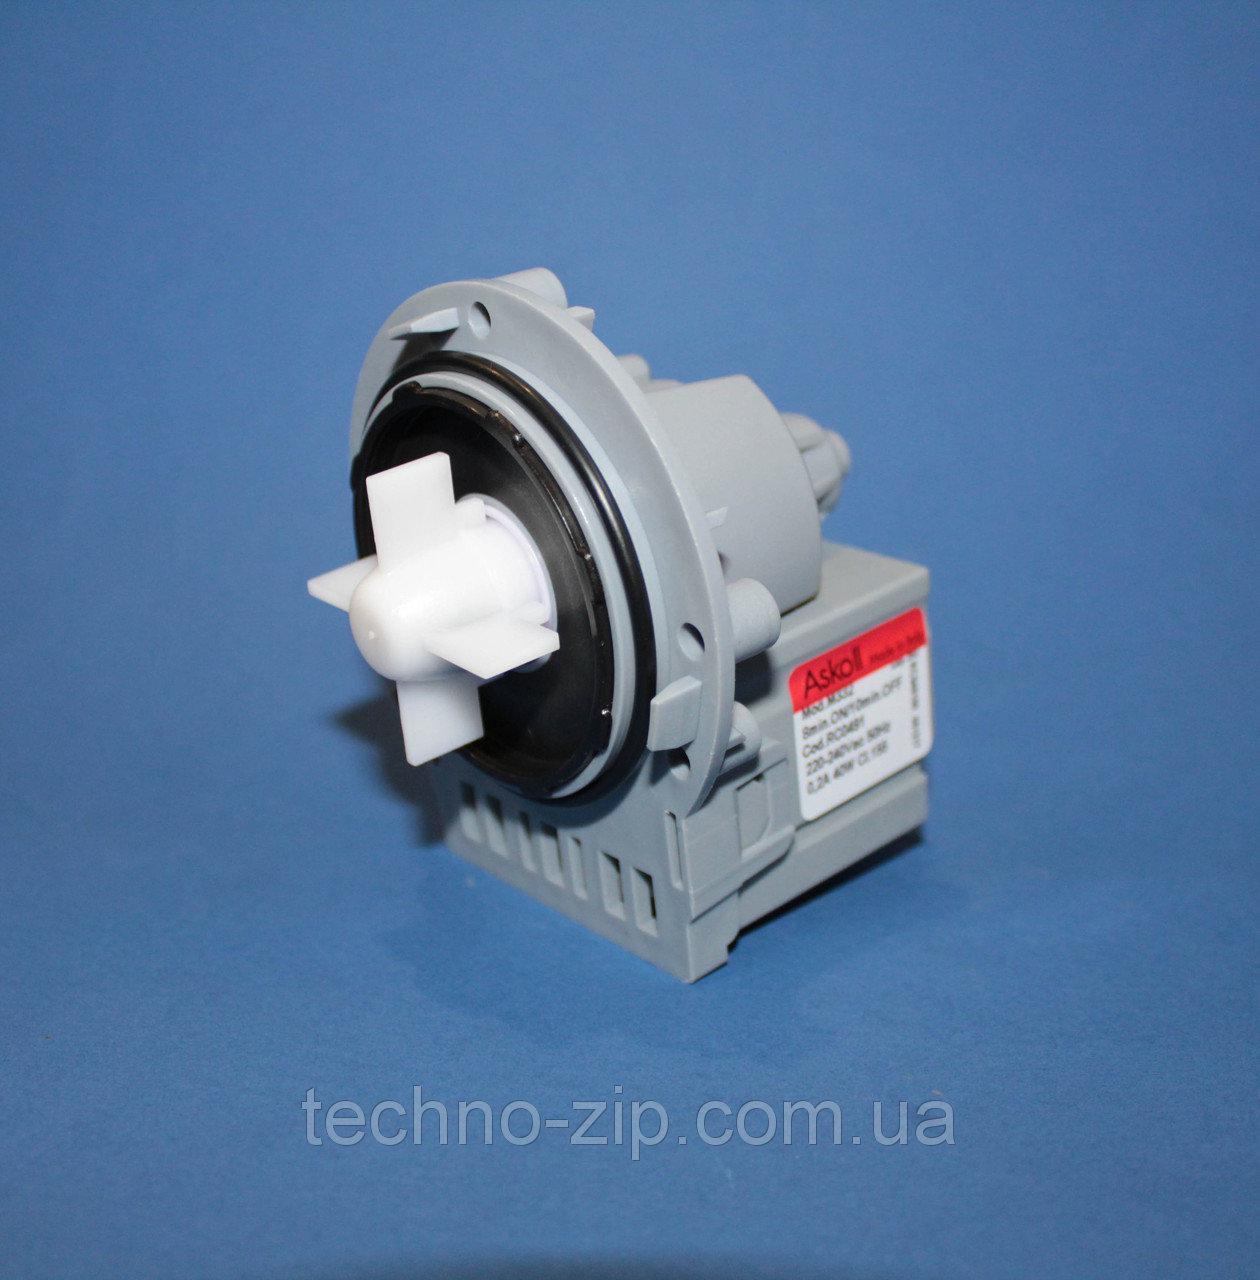 Насос Askoll M332 для стиральной машины универсальный